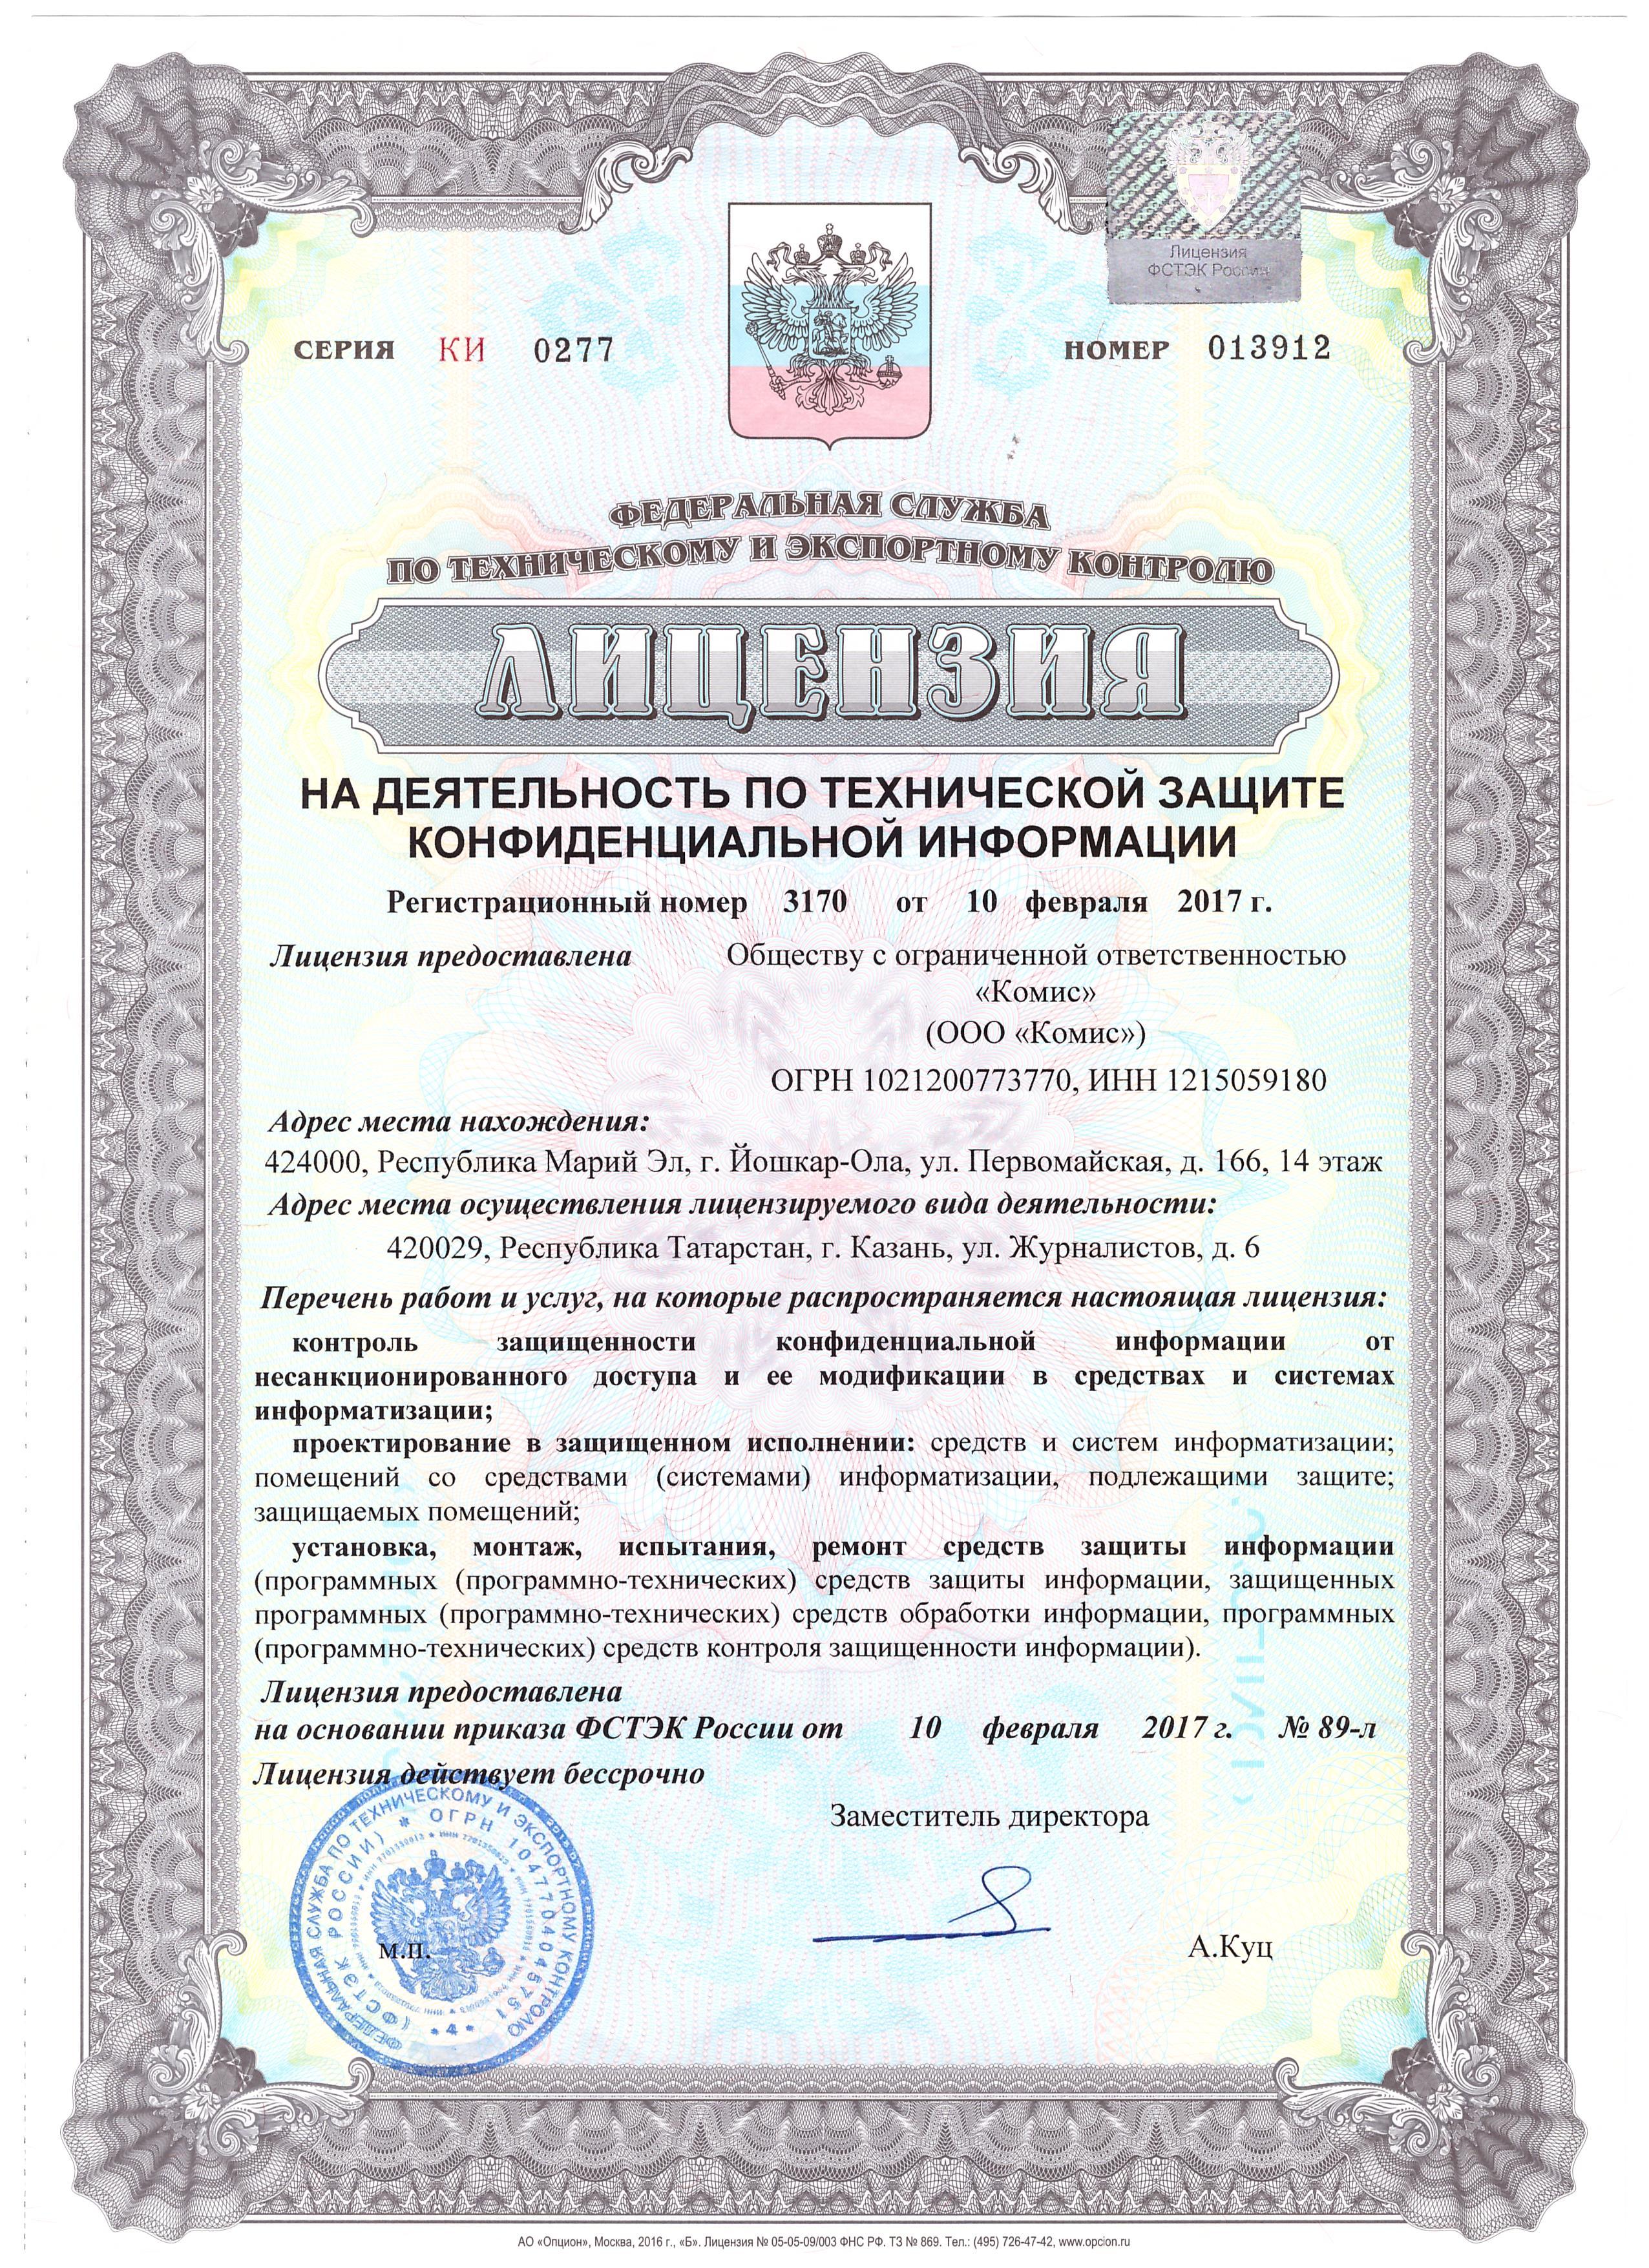 лицензия фстэк образец